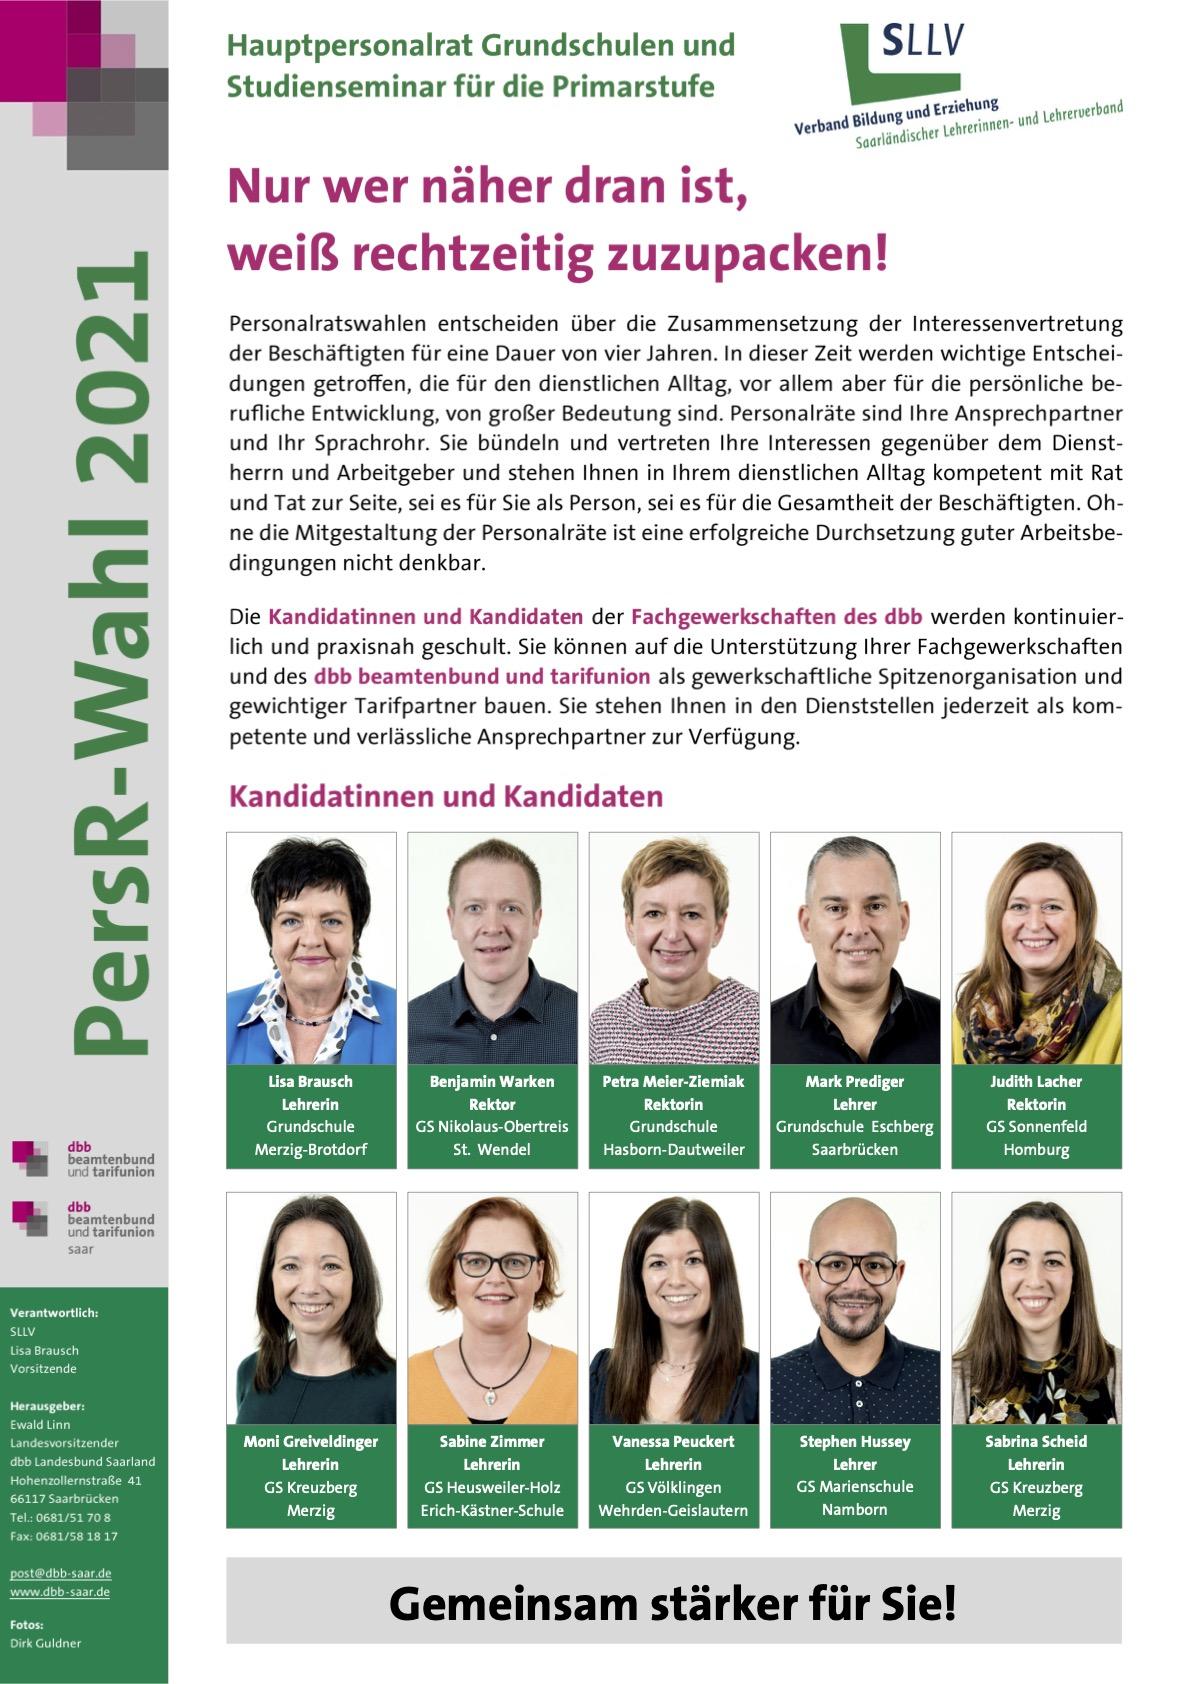 22_SLLV_HPR-Grundschule_Flugblatt_PersR_Wahl_01